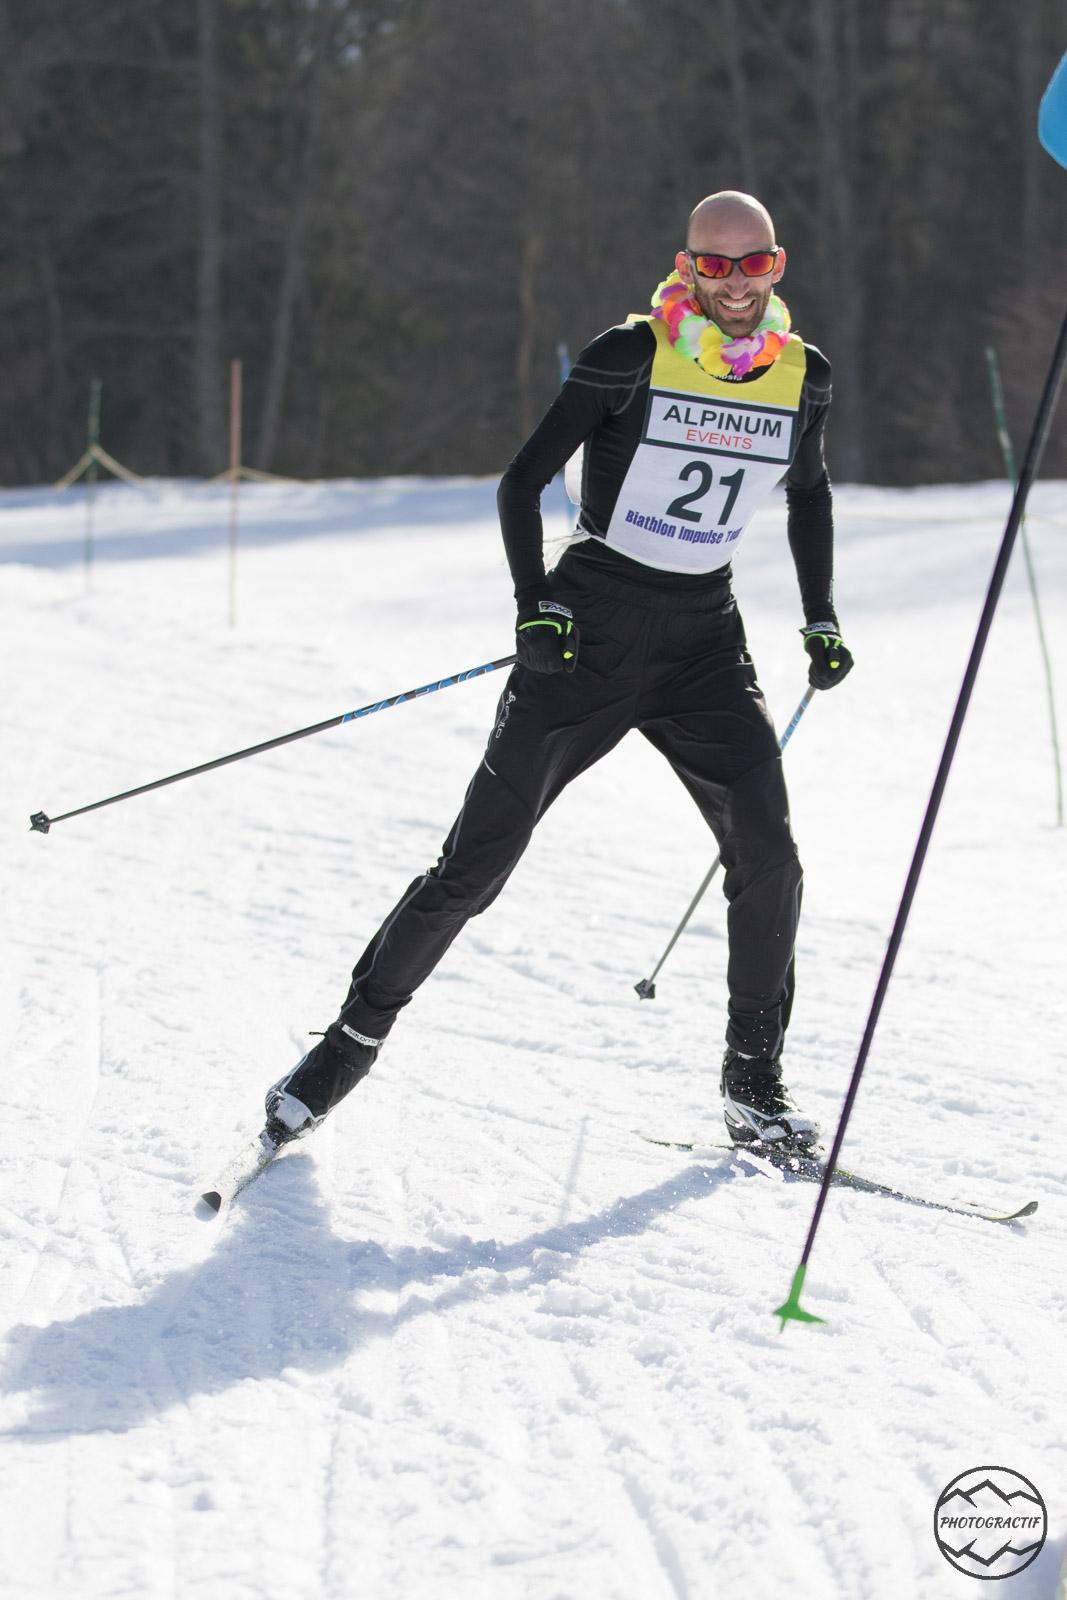 Biathlon Alpinum Les Contamines 2019 (75)